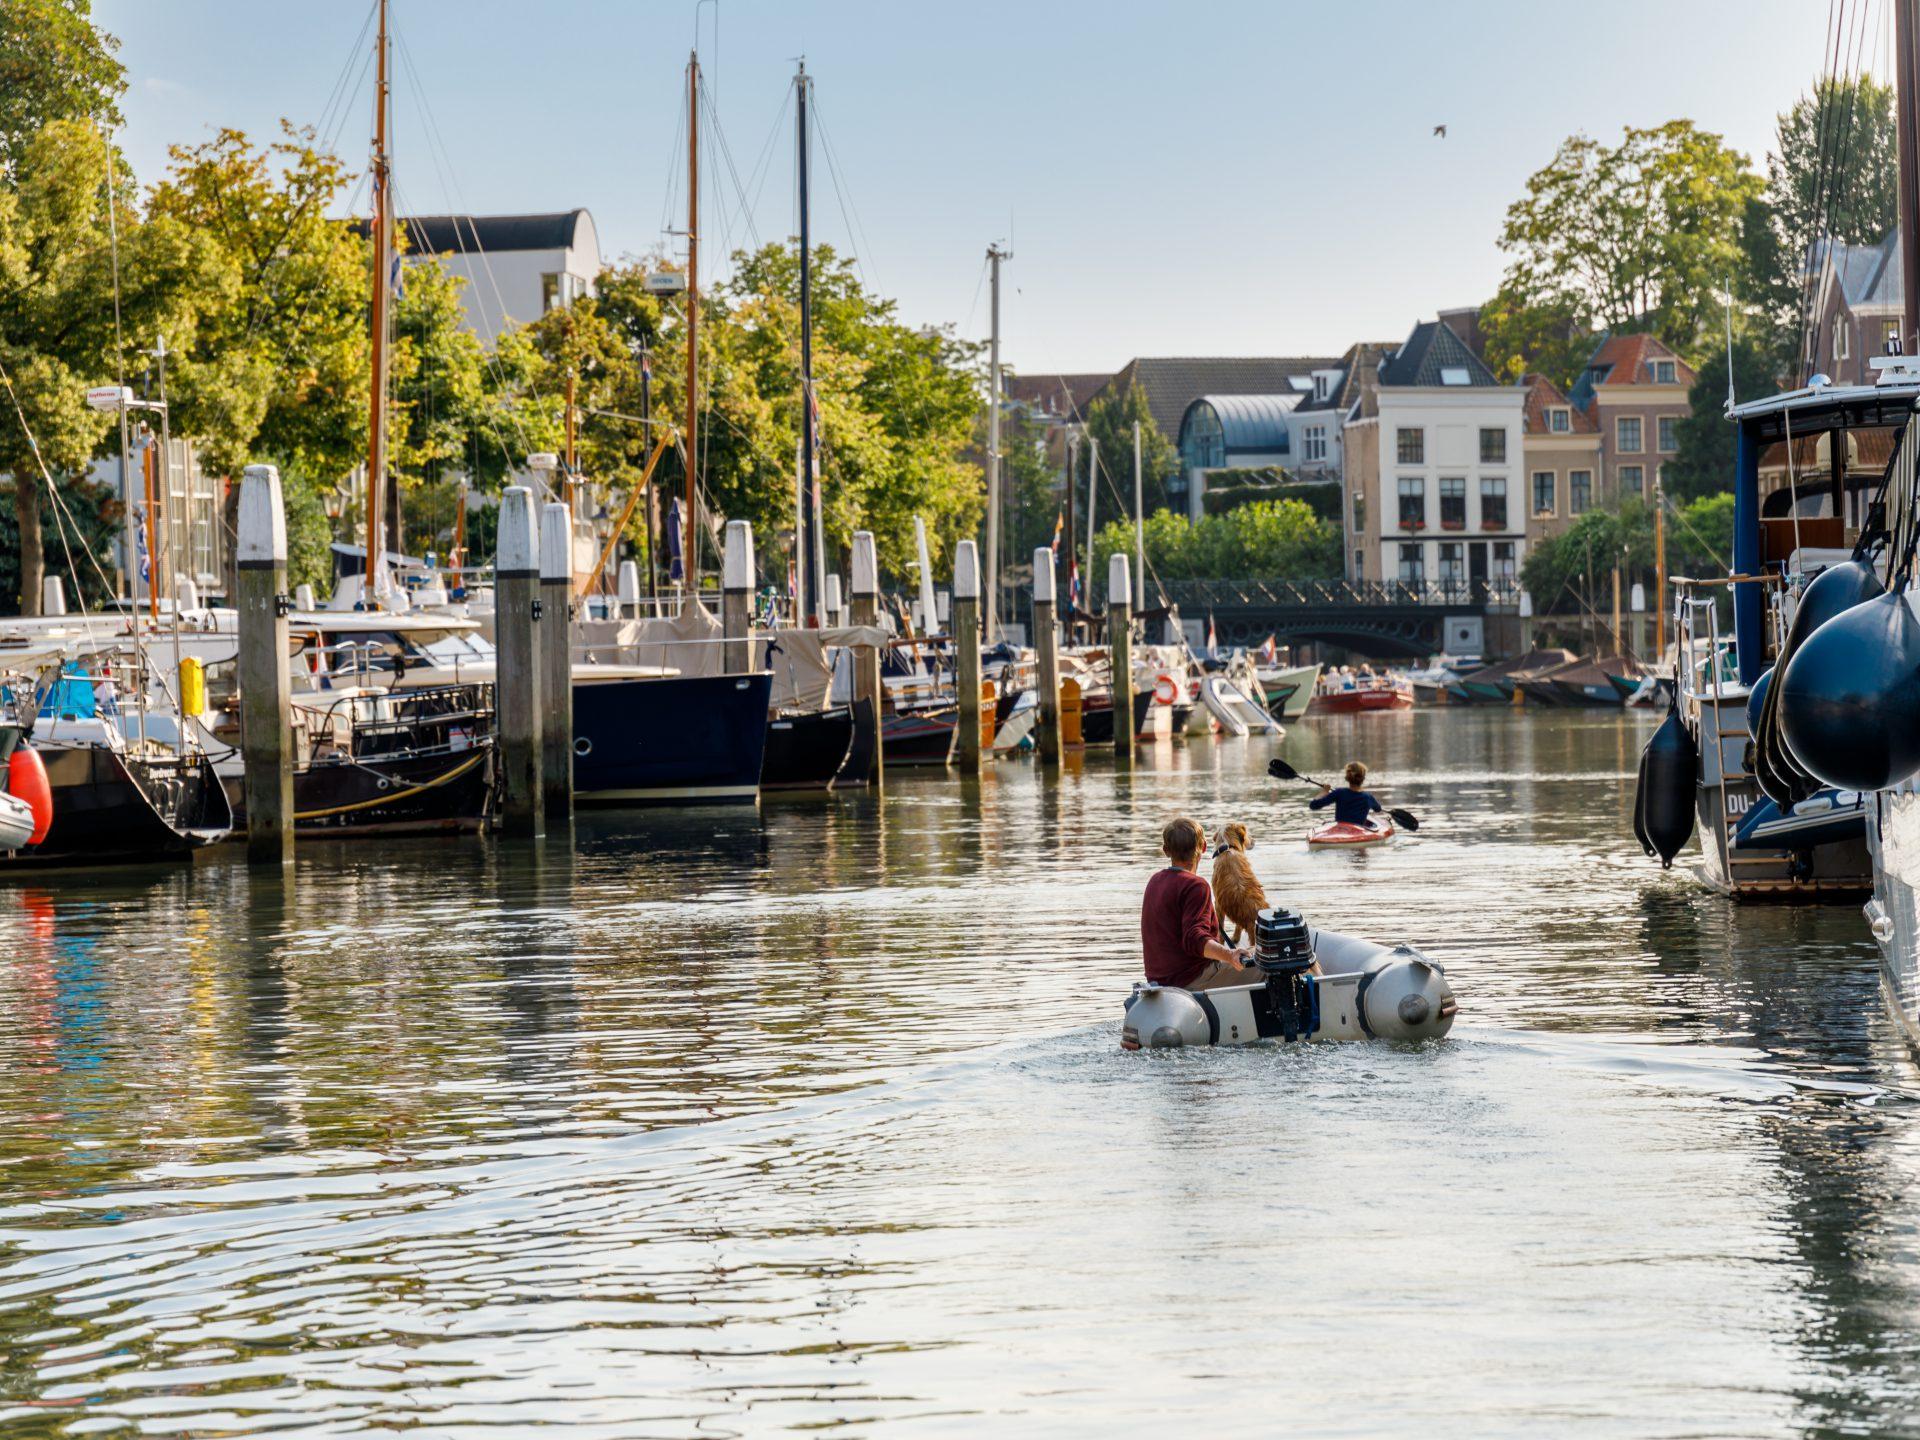 Wijnhaven Bootverhuur boot Dordrecht